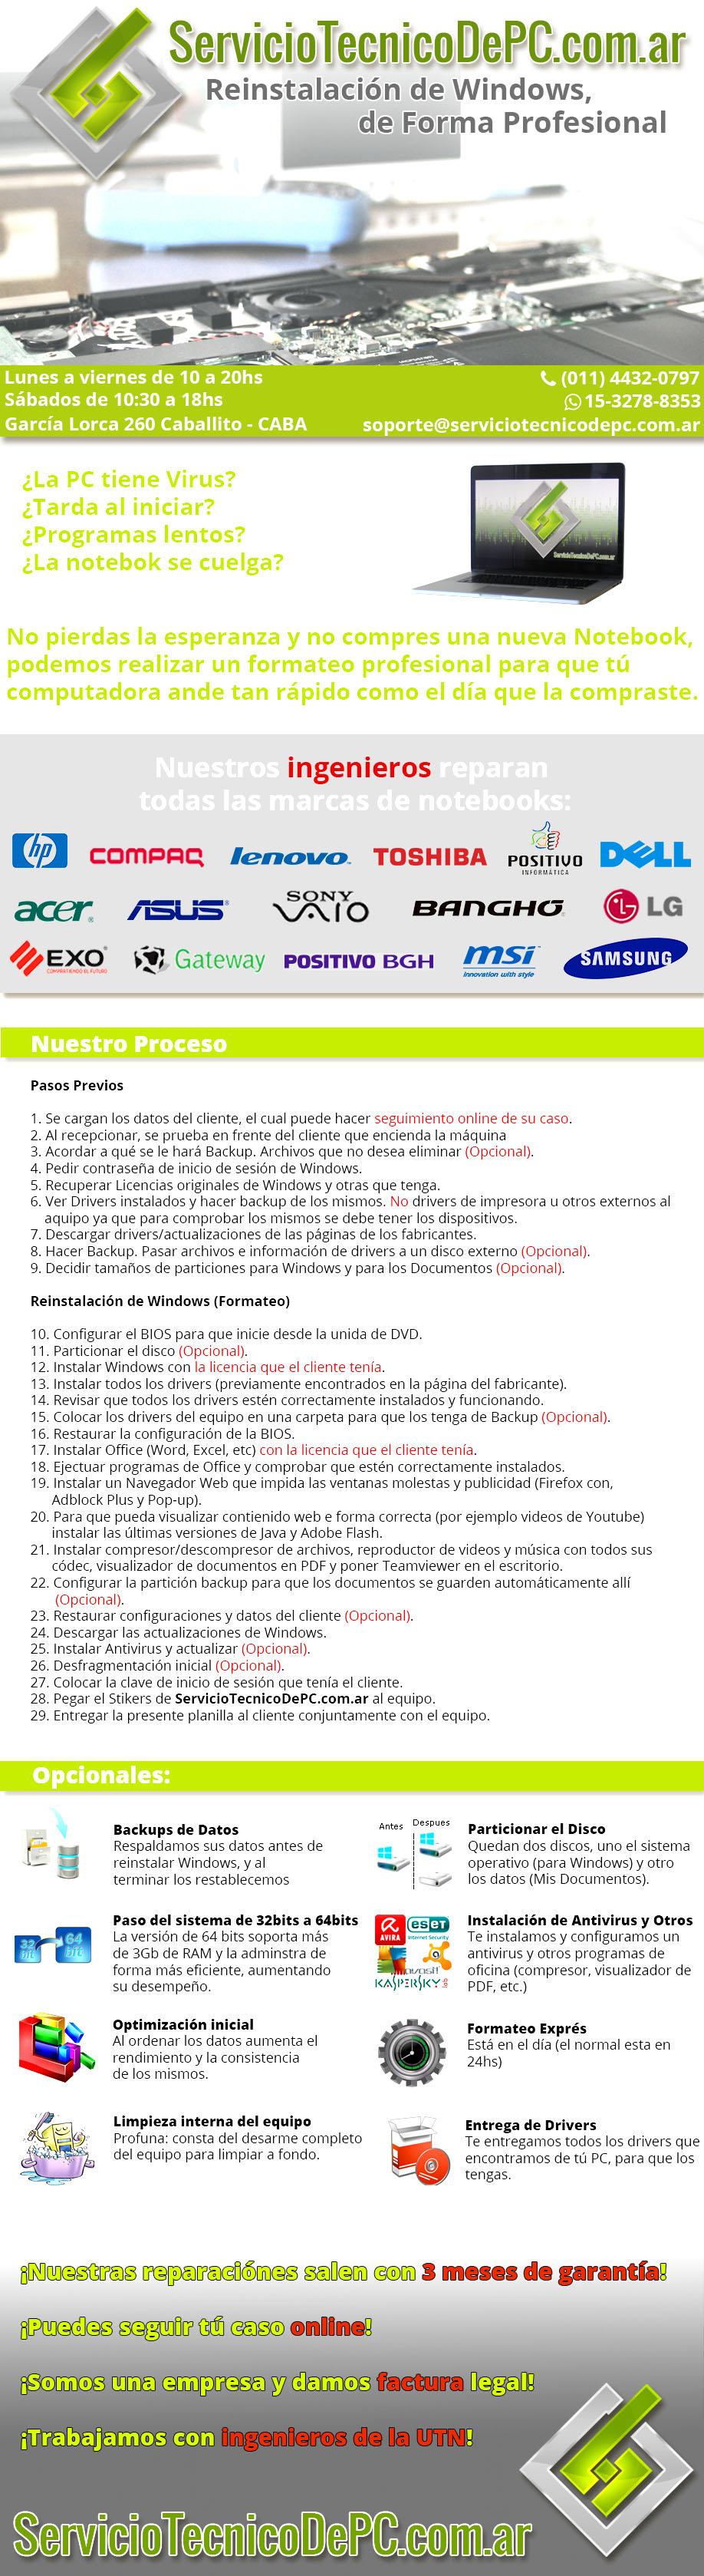 Reinstalación Windows Formateo PC Servicio Tecnico de PC